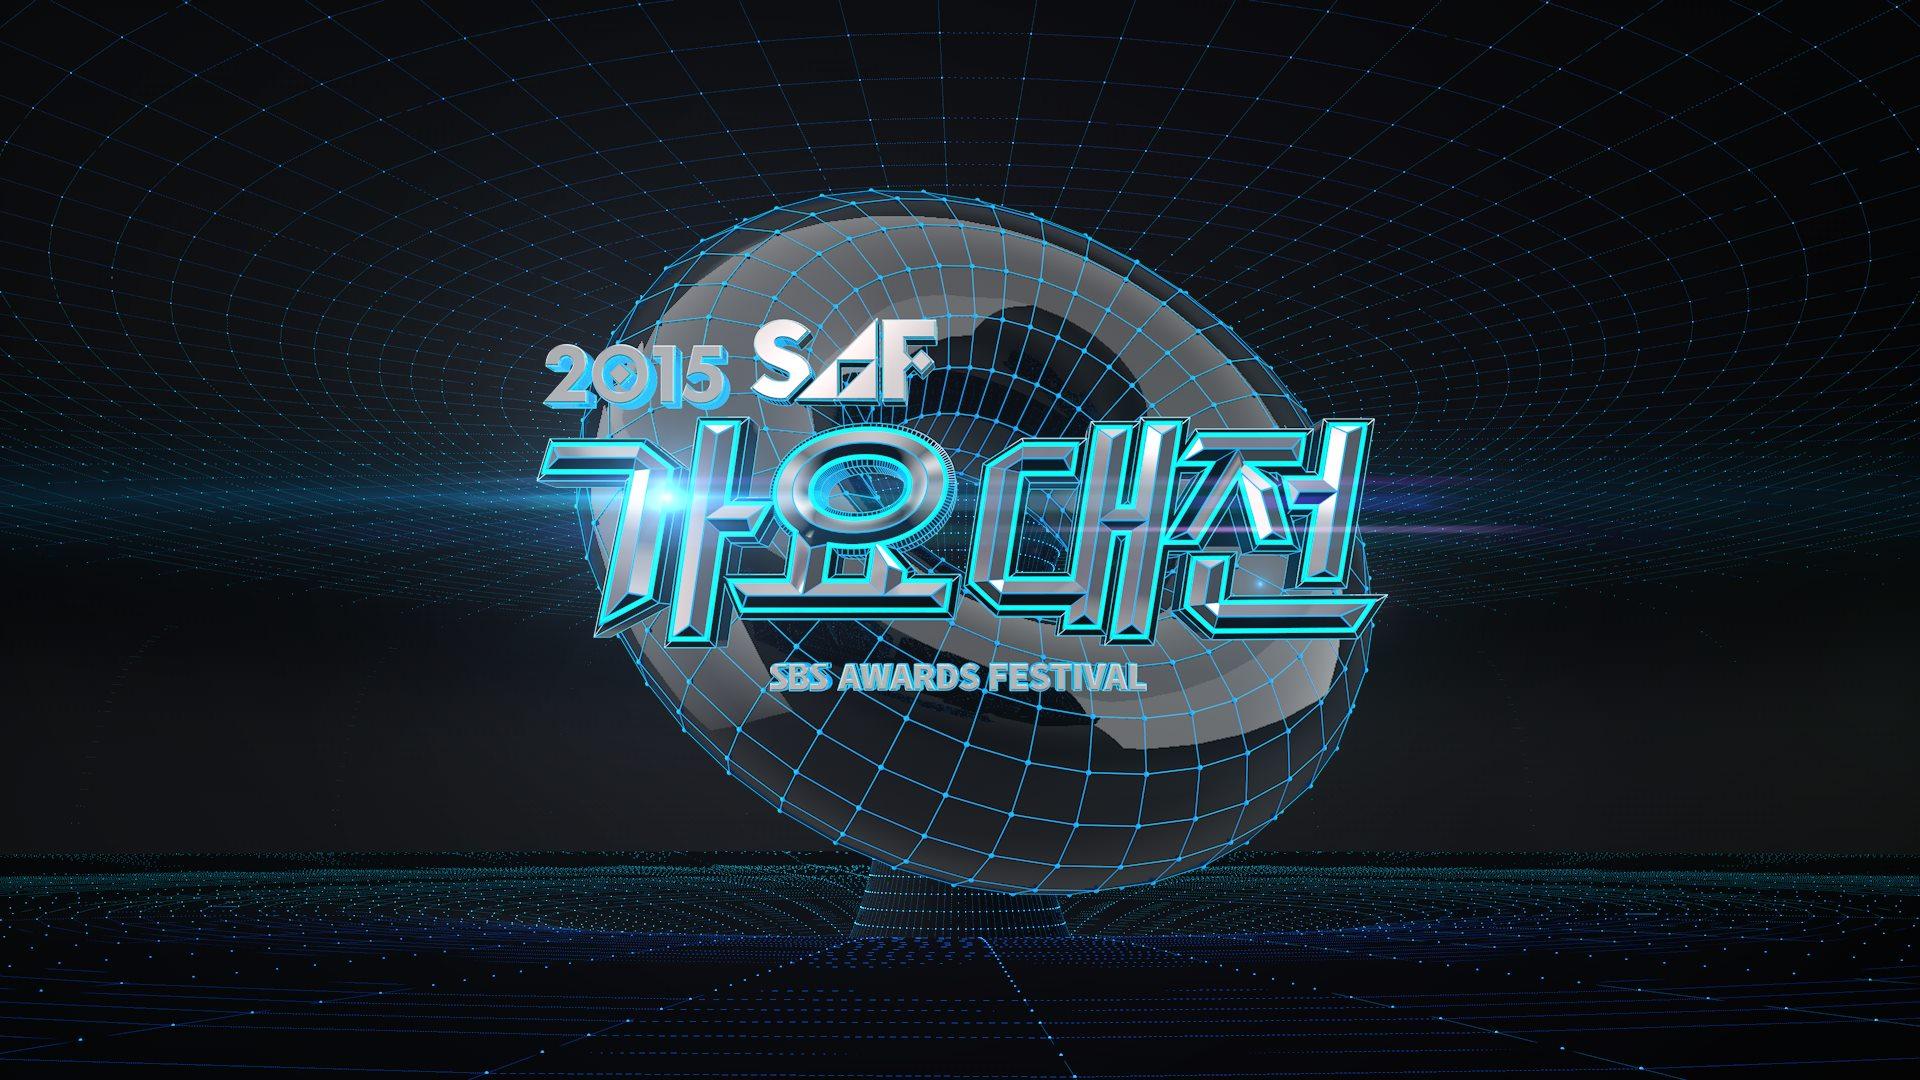 一年即將結束!大家還記得27日即將展開的《SBS歌謠大戰》嗎?今天小編整理了今年solo女歌手推出的歌曲路線,究竟今年「最佳solo女歌手」獎落誰家呢?